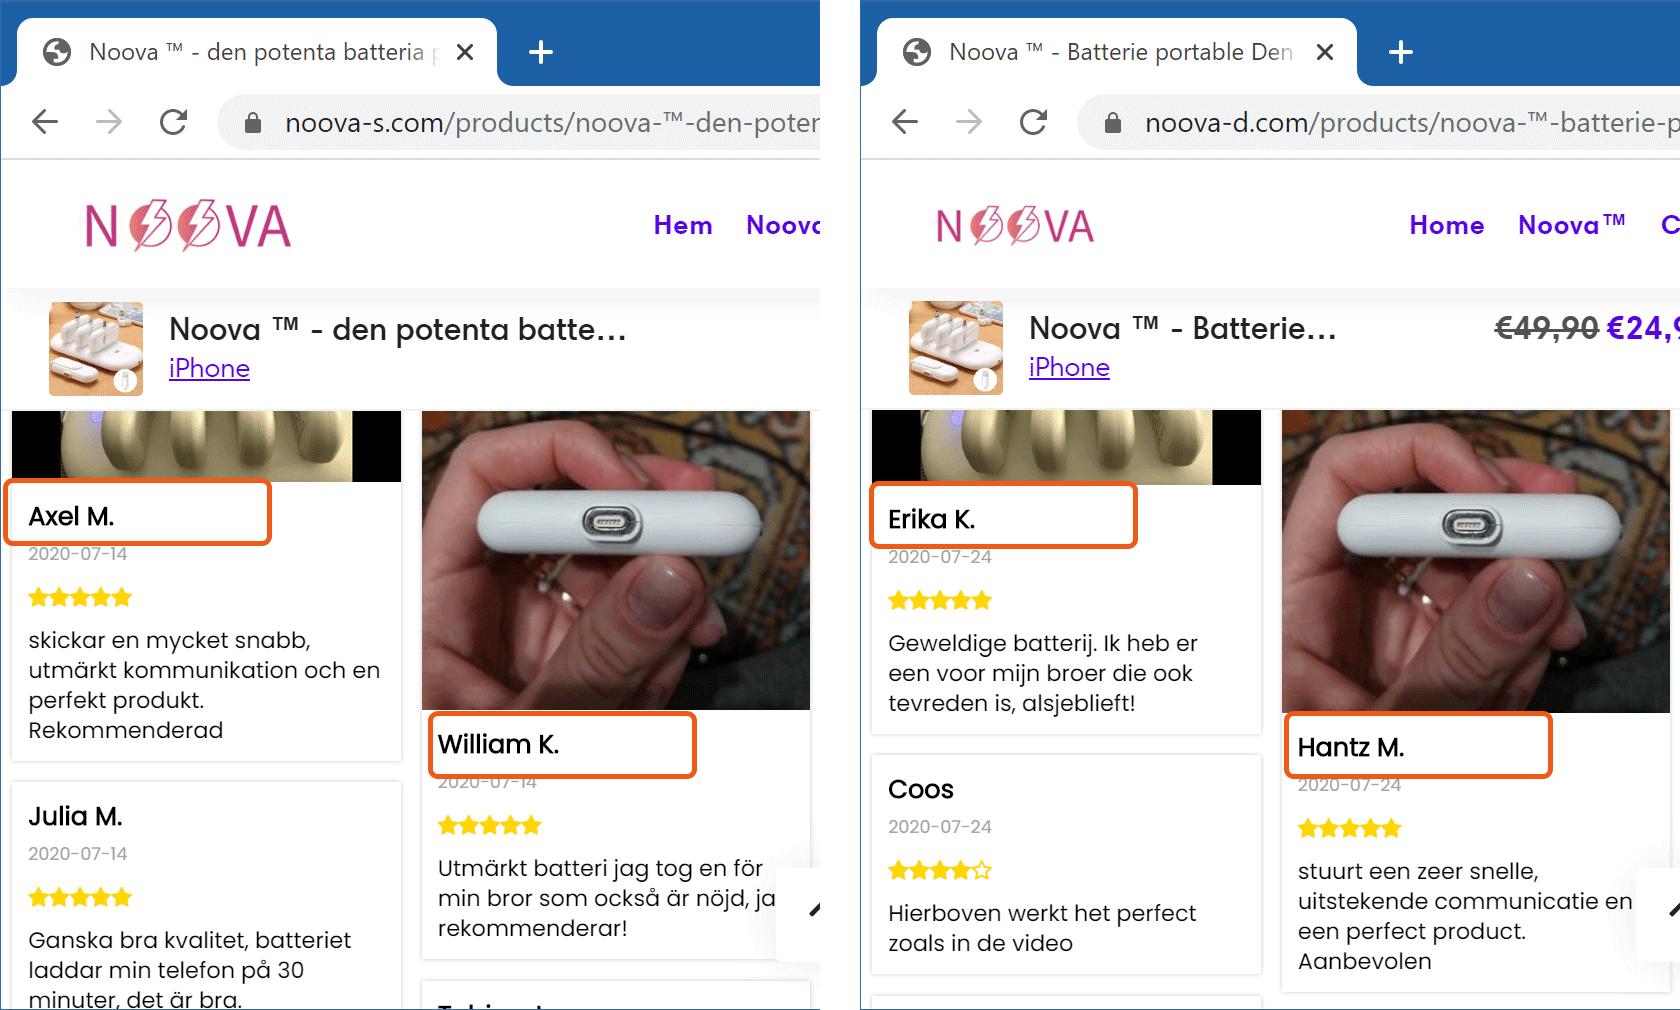 Falska recensioner på Noovas webbplats.